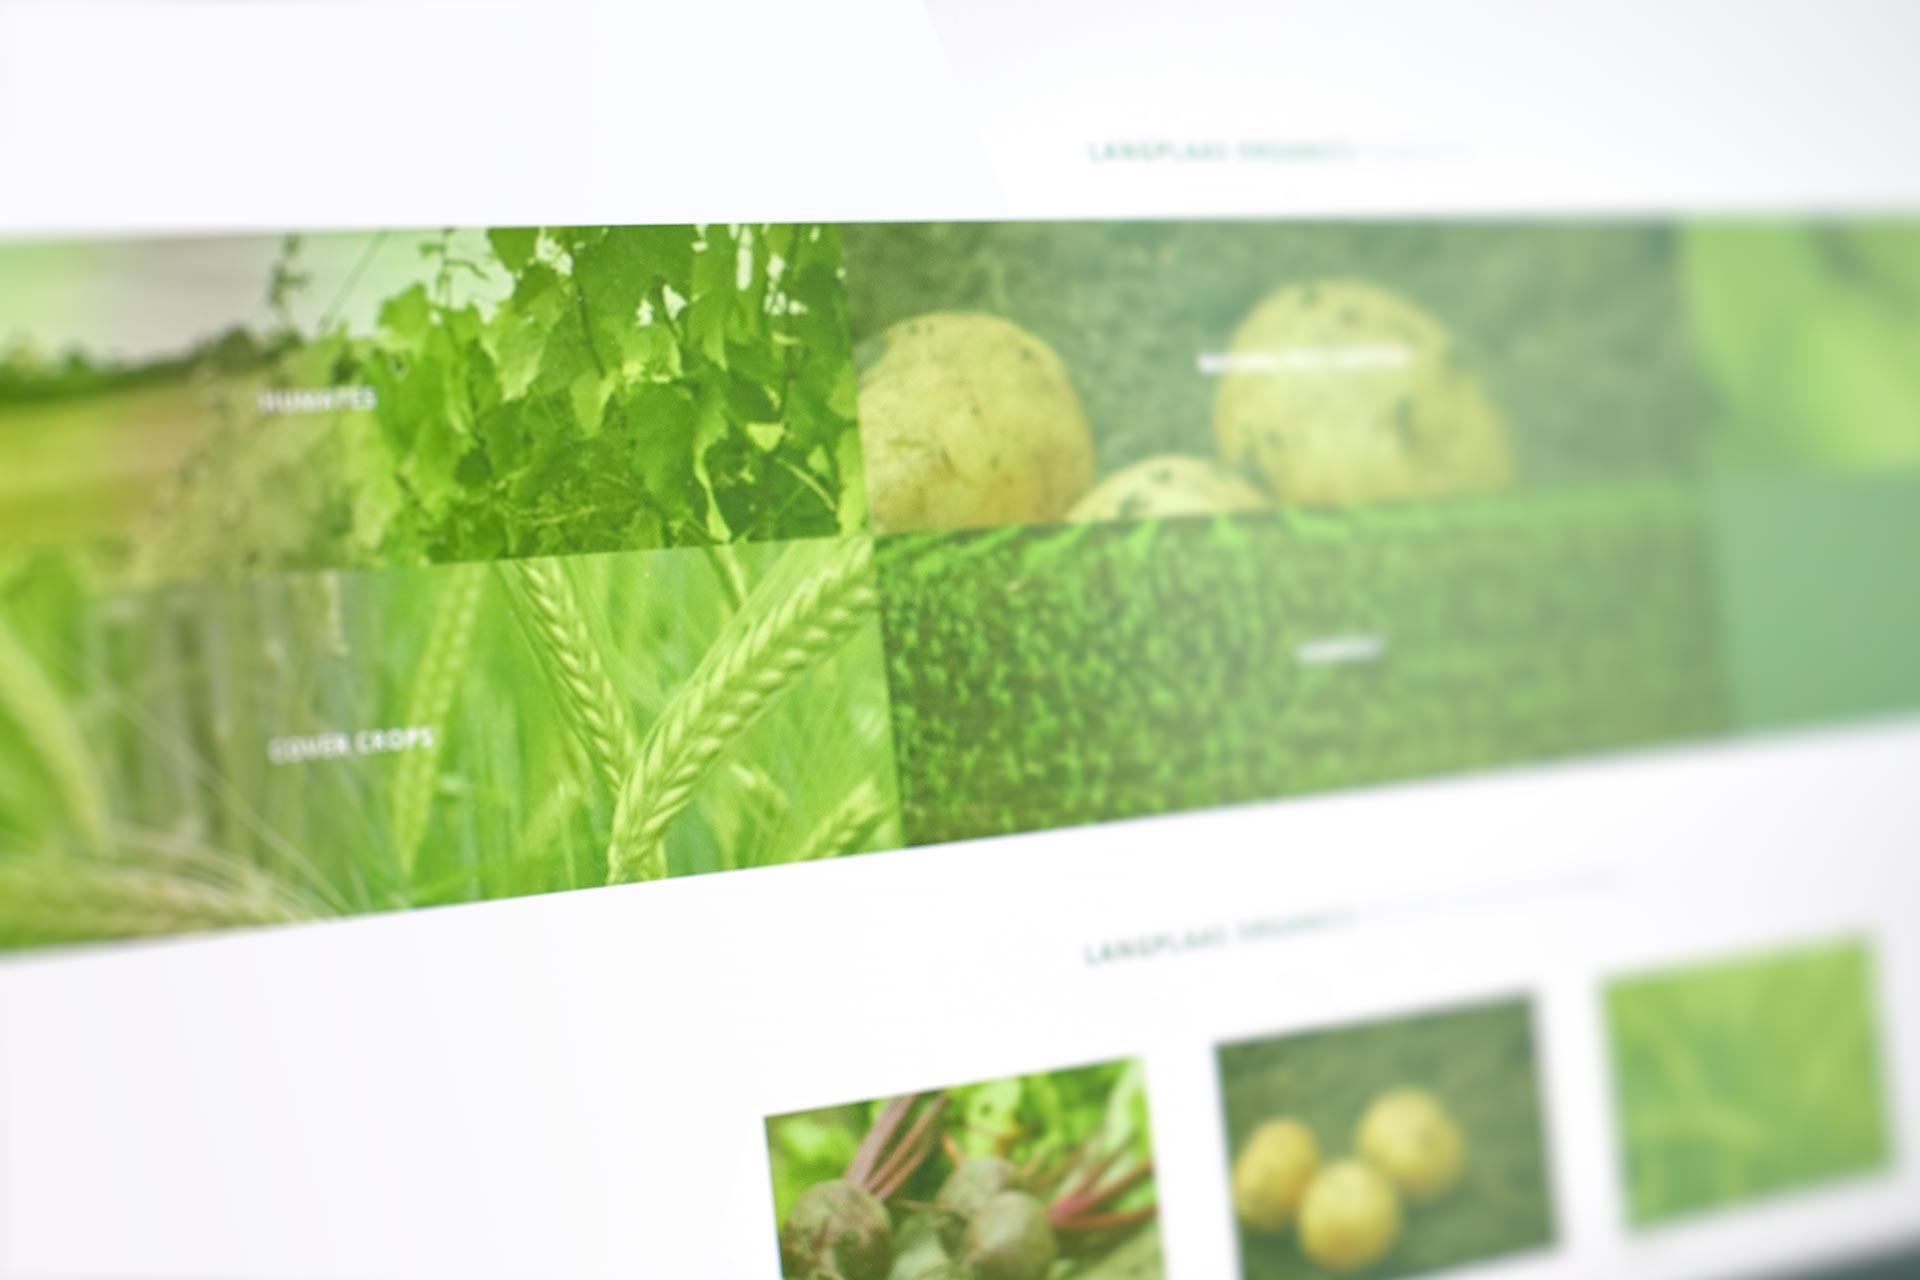 Langplaas Organics Web Design by Black Rooster Studios.